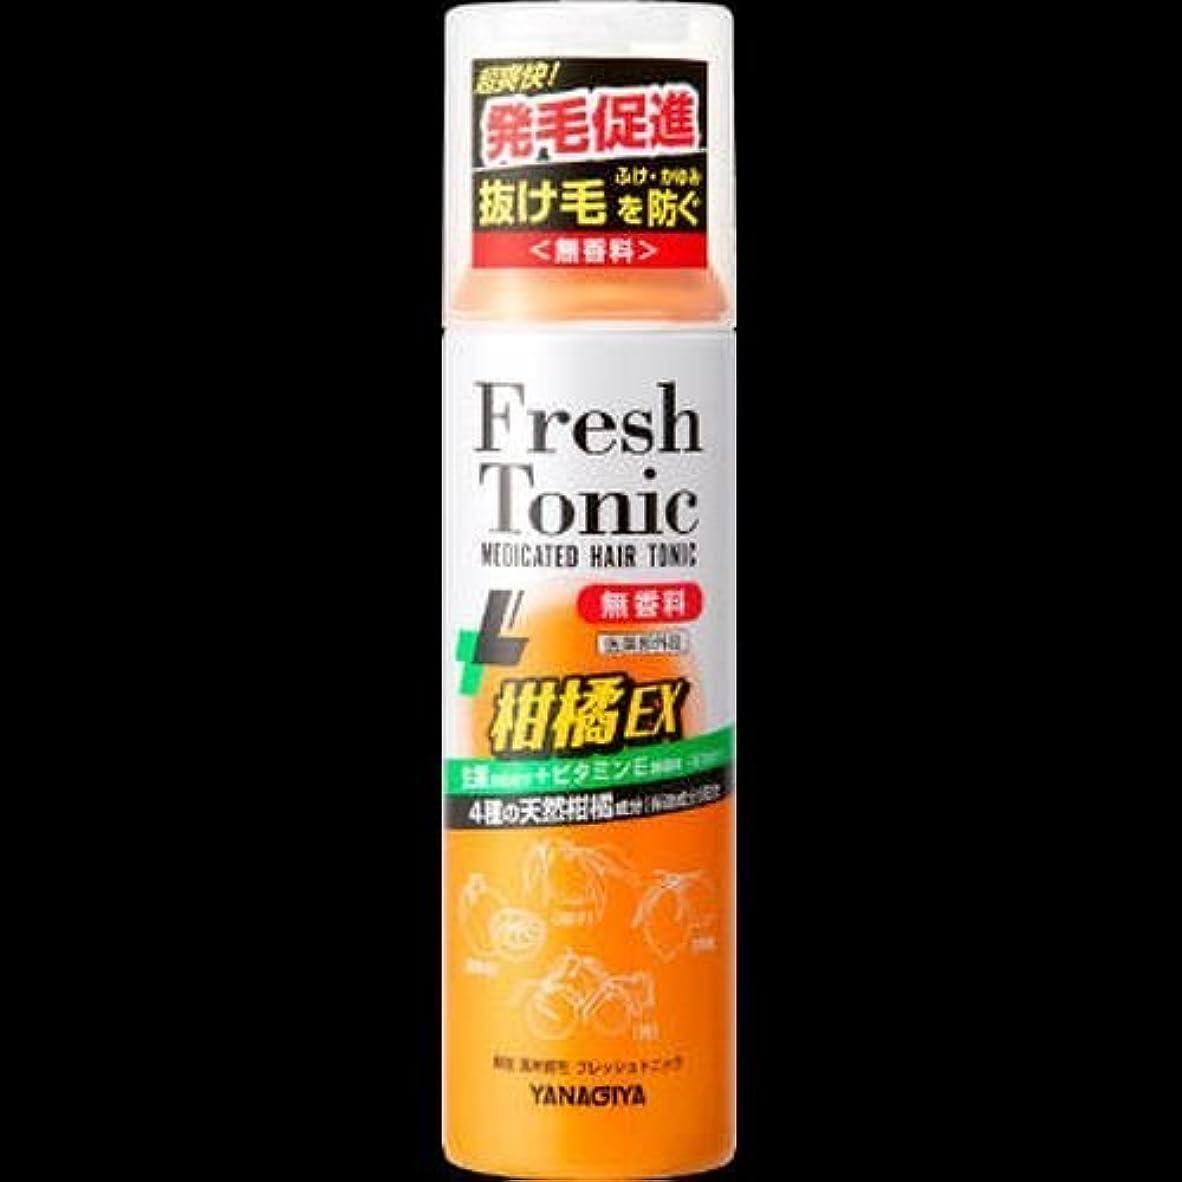 飾る相互マンハッタン【まとめ買い】薬用育毛フレッシュトニック柑橘EX(190g) ×2セット